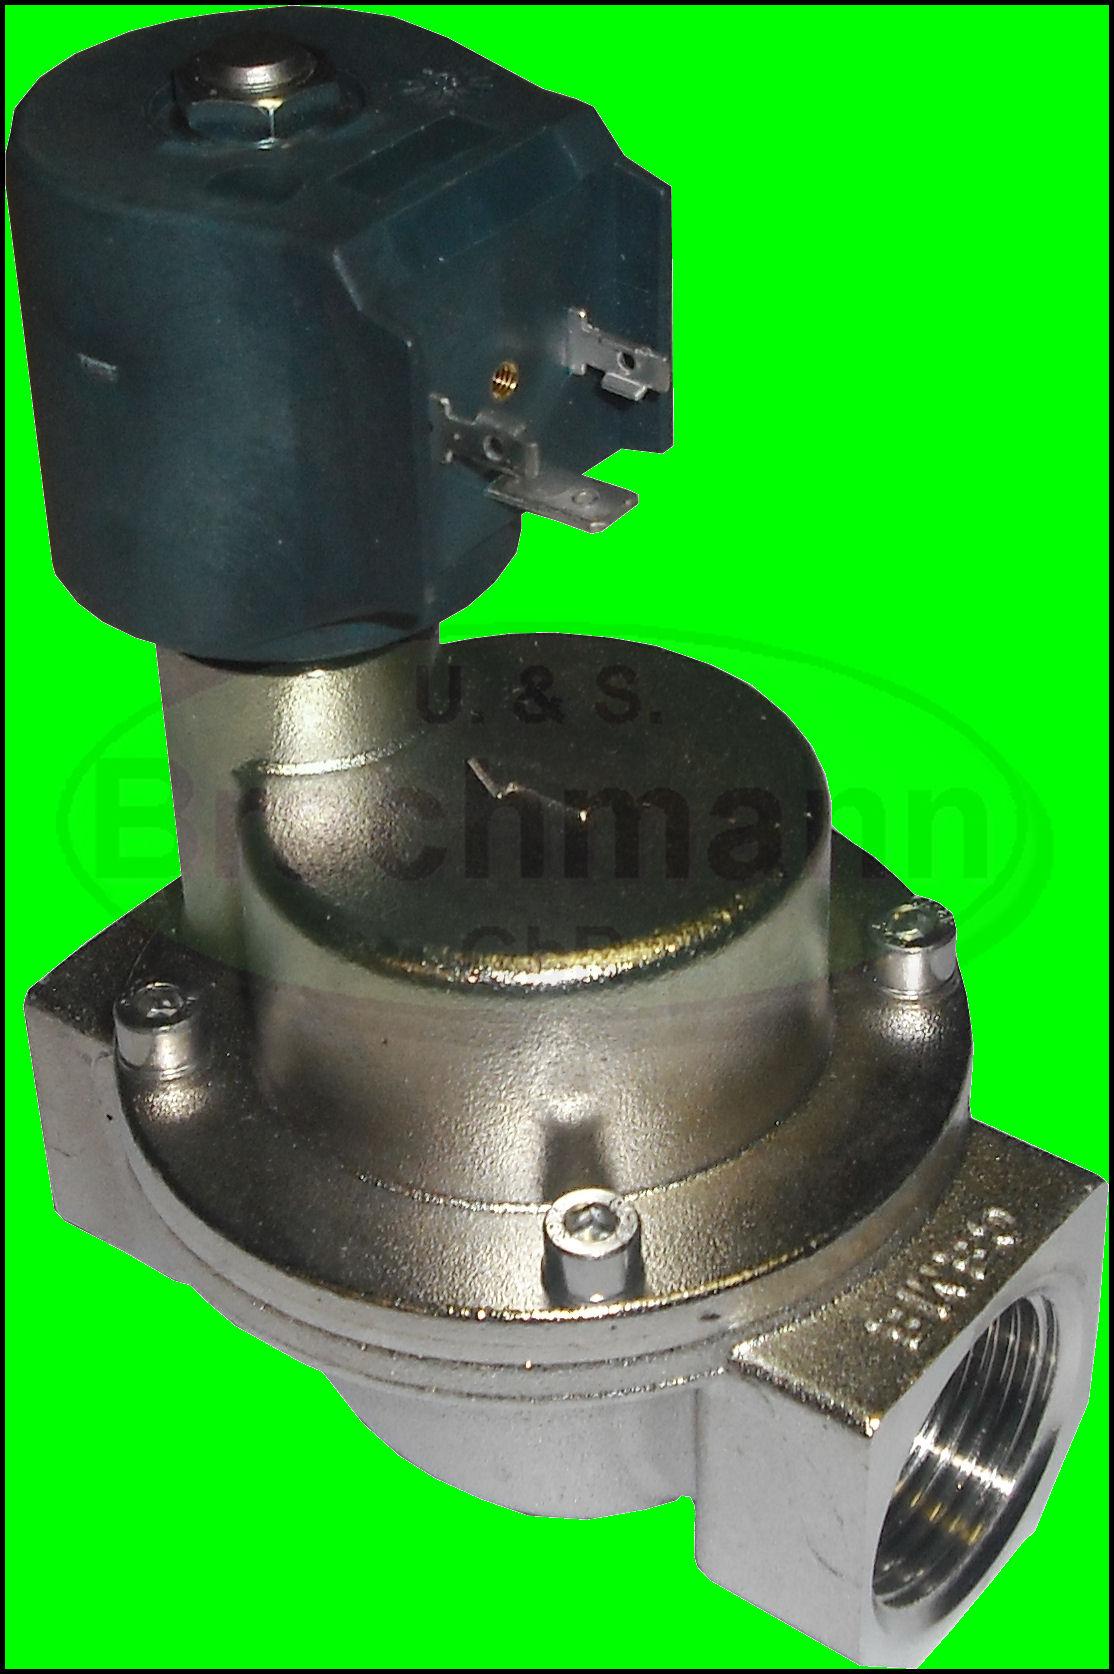 magnetventil 1 230v 1 10bar nc 180 c dampf wasser ebay. Black Bedroom Furniture Sets. Home Design Ideas